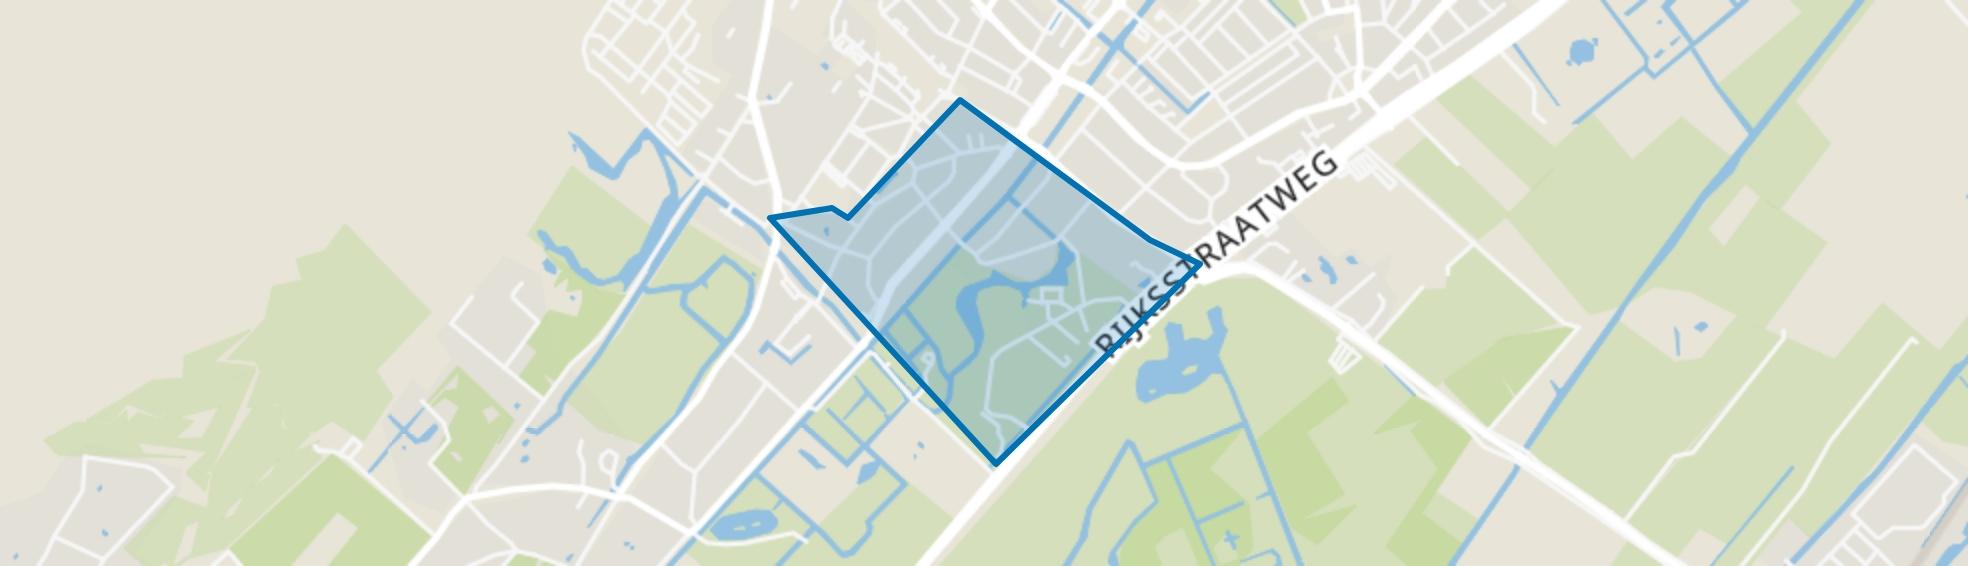 De Paauw, Wassenaar map